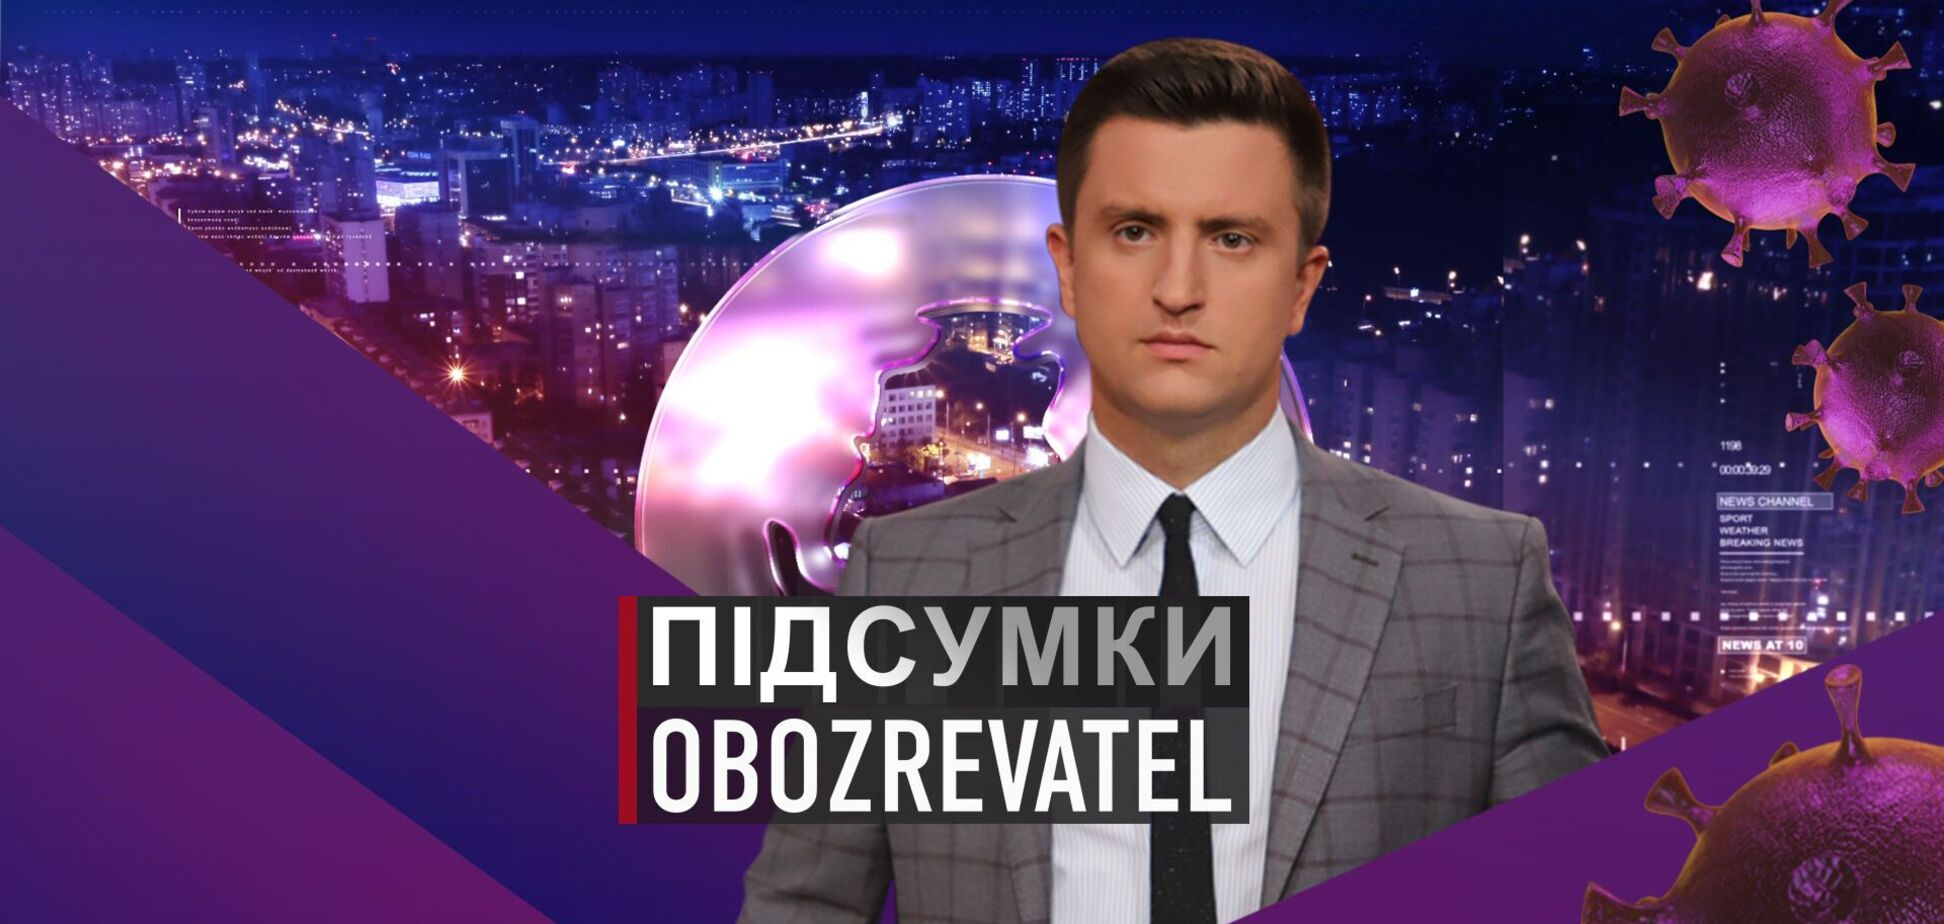 Підсумки з Вадимом Колодійчуком. Середа, 5 травня